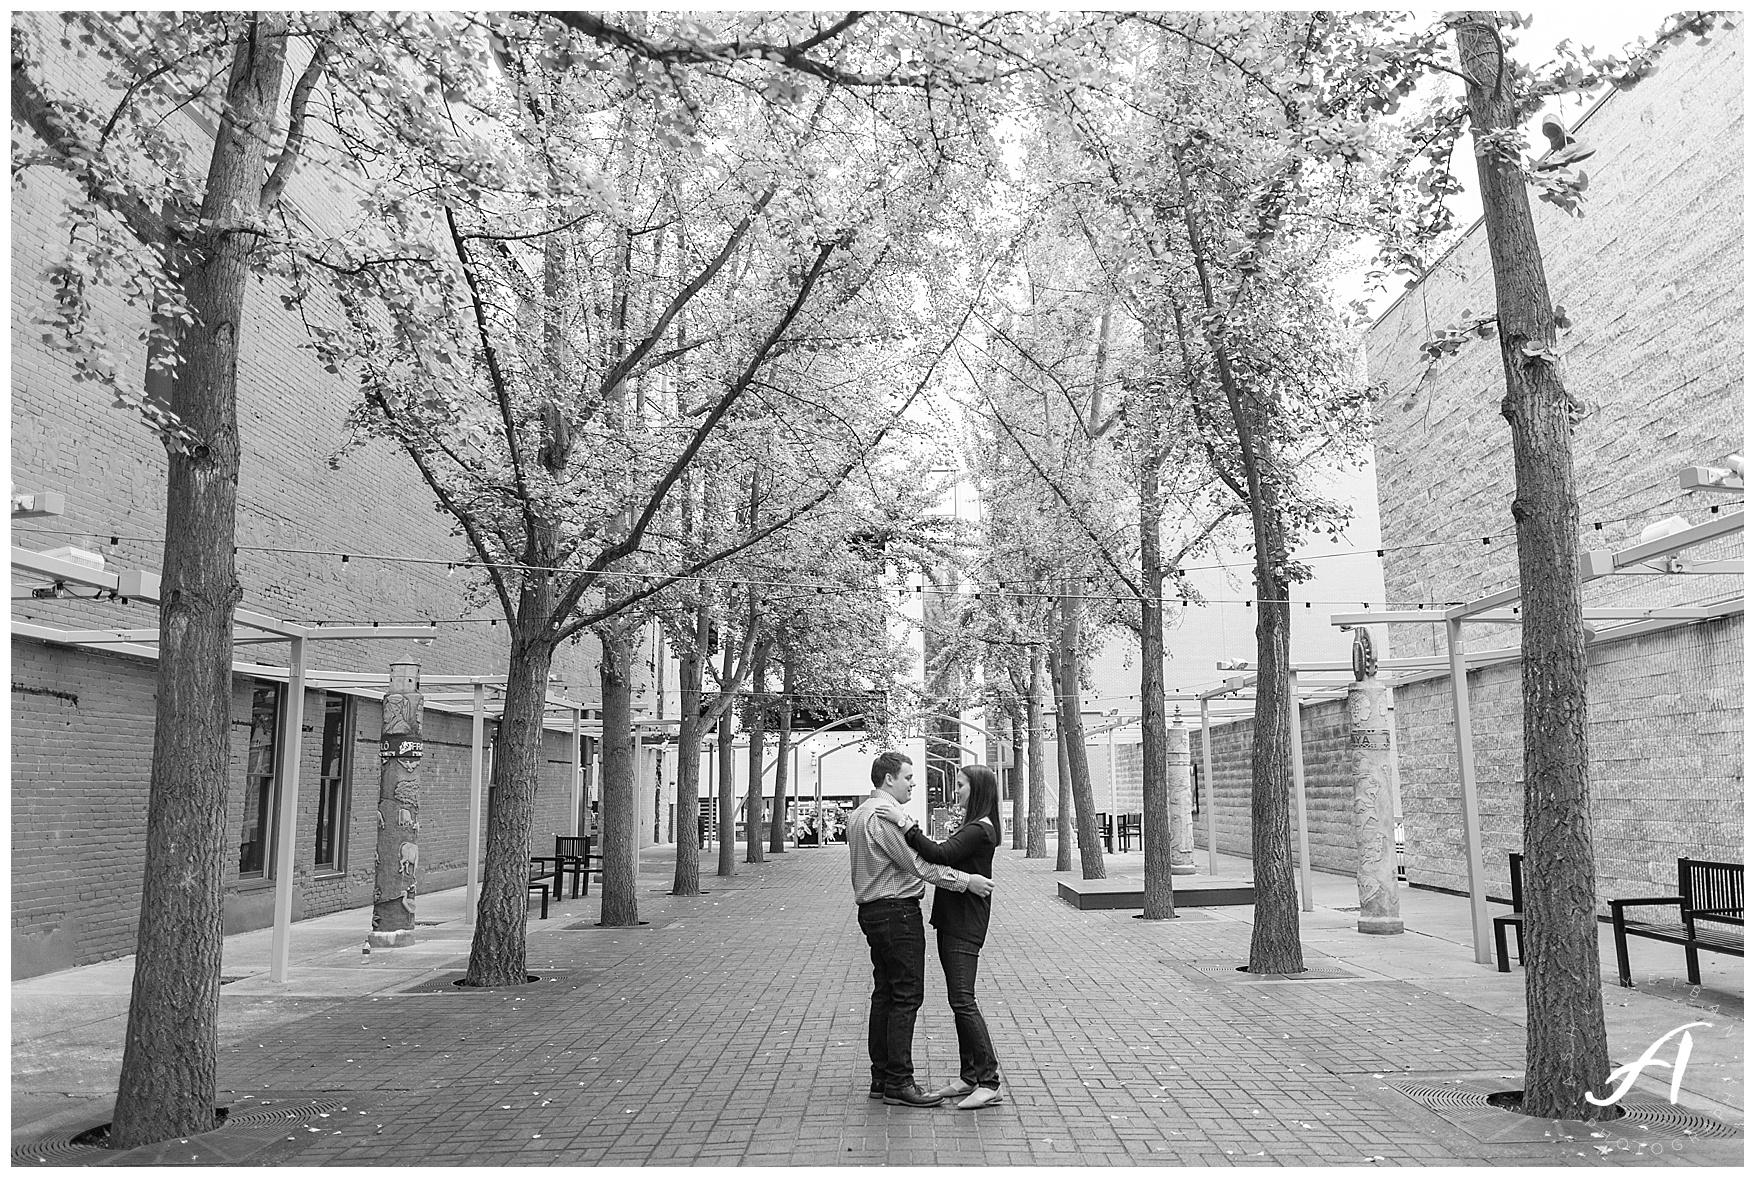 Roanoke and Charlottesville Wedding Photographer || Roanoke Engagement Session || www.ashleyeiban.com